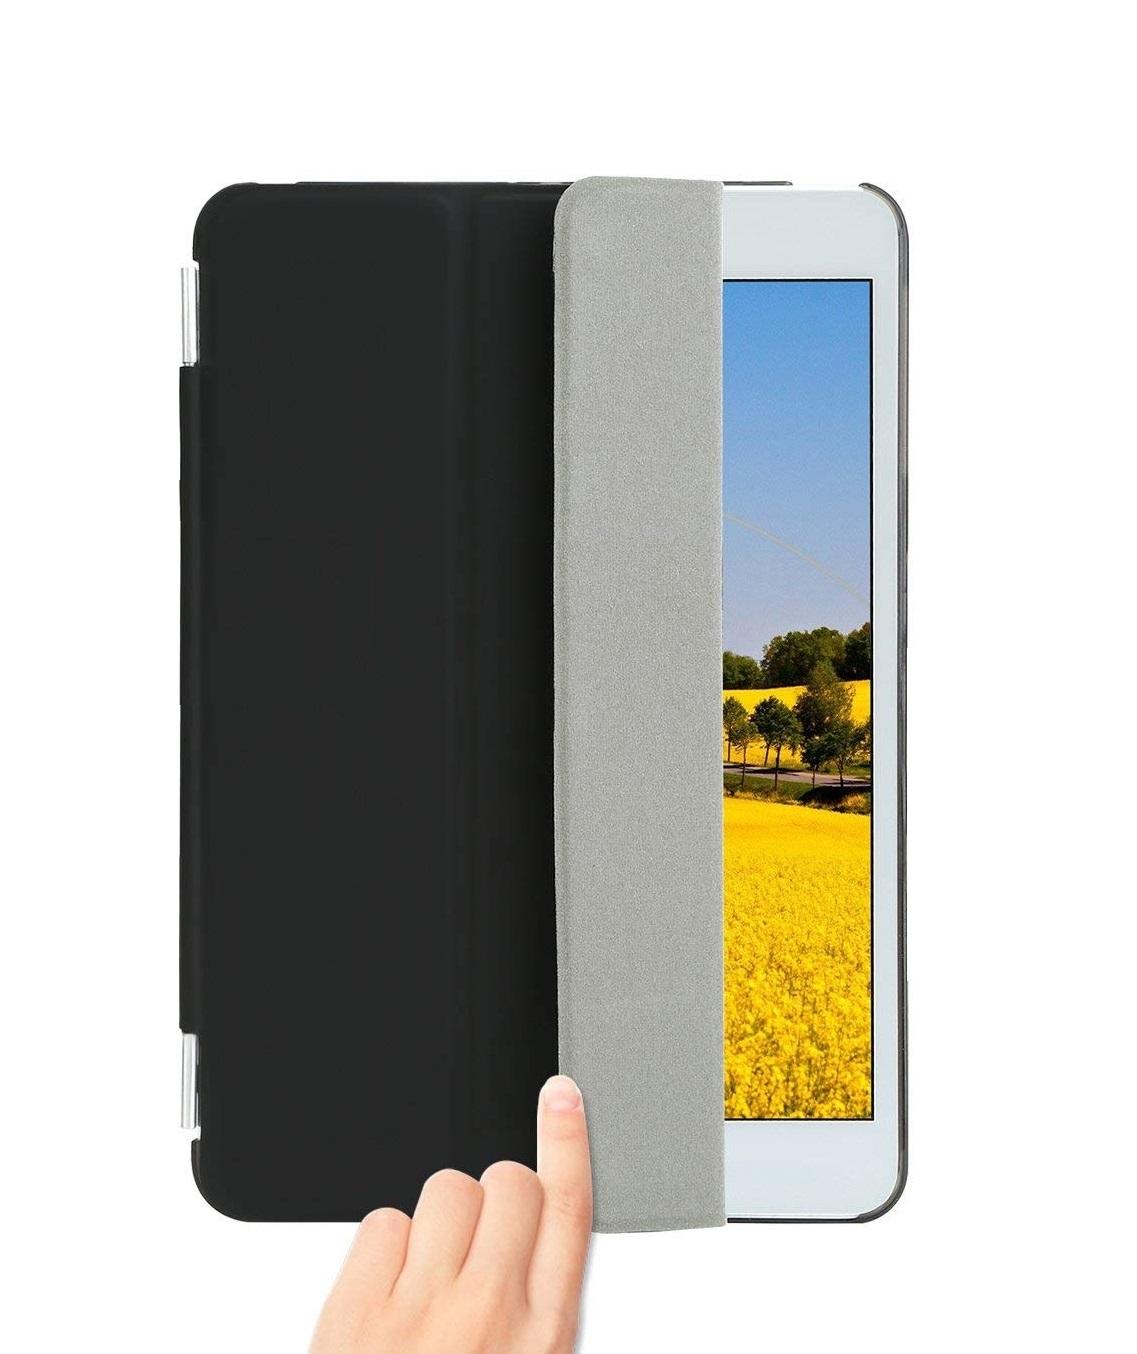 Capa Ipad 6 geração Smart Case A1893 A1954 Magnética Frontal e Traseira